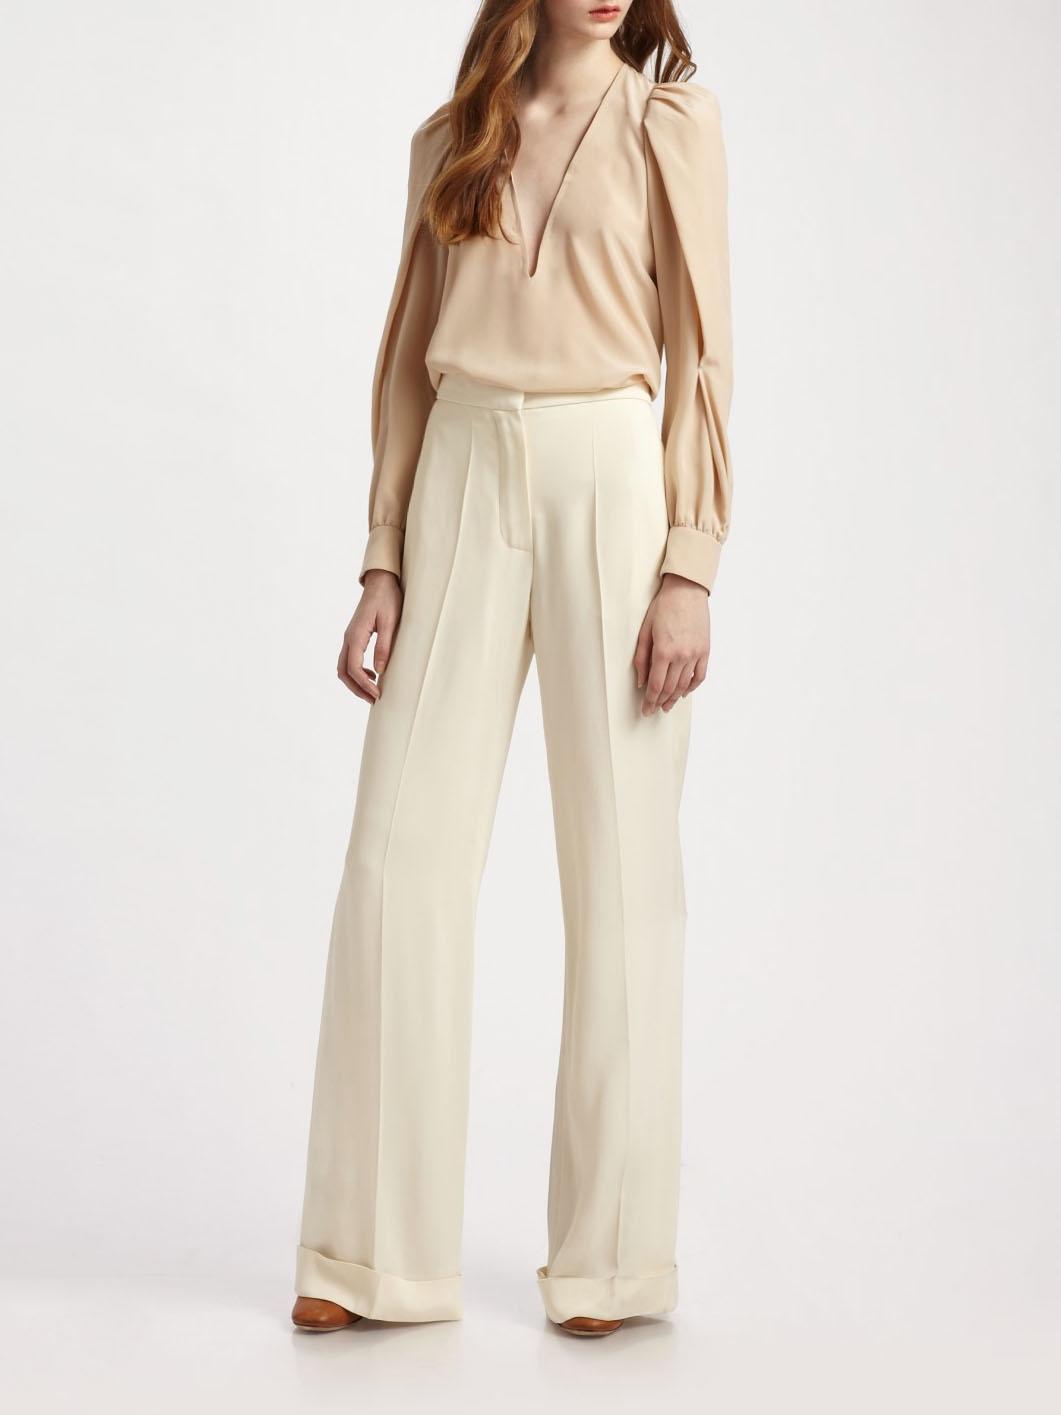 louise paris chloe pantalon tailleur droit en soie sauvage beige seigle px boutique 590 taille 38. Black Bedroom Furniture Sets. Home Design Ideas